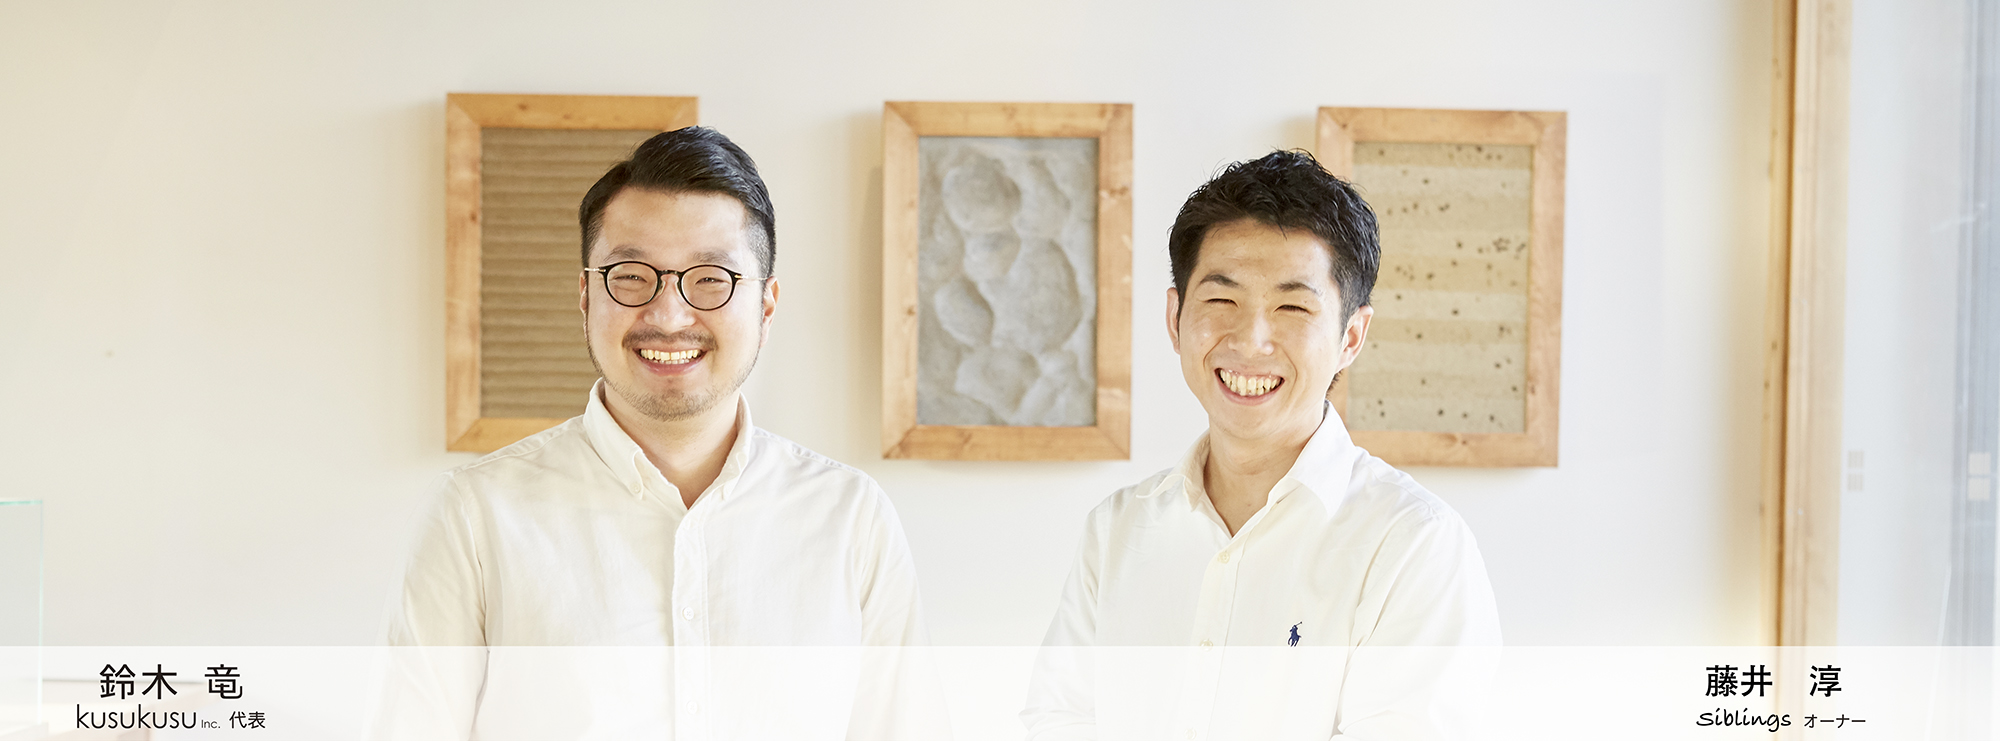 鎌倉のデザイン事務所株式会社クスクスと鎌倉のカフェシブリングス